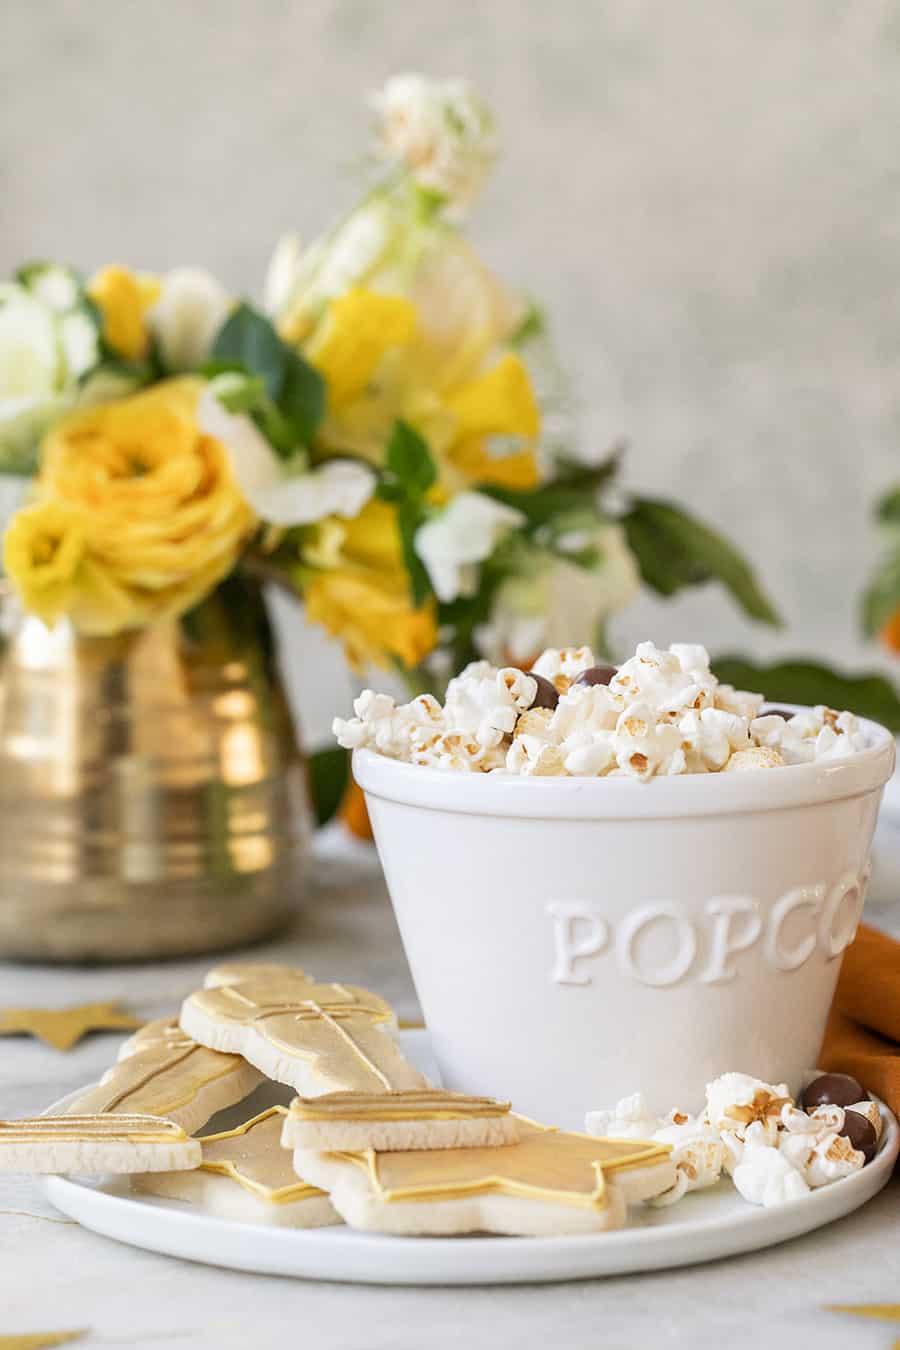 Popcorn in white popcorn bowl